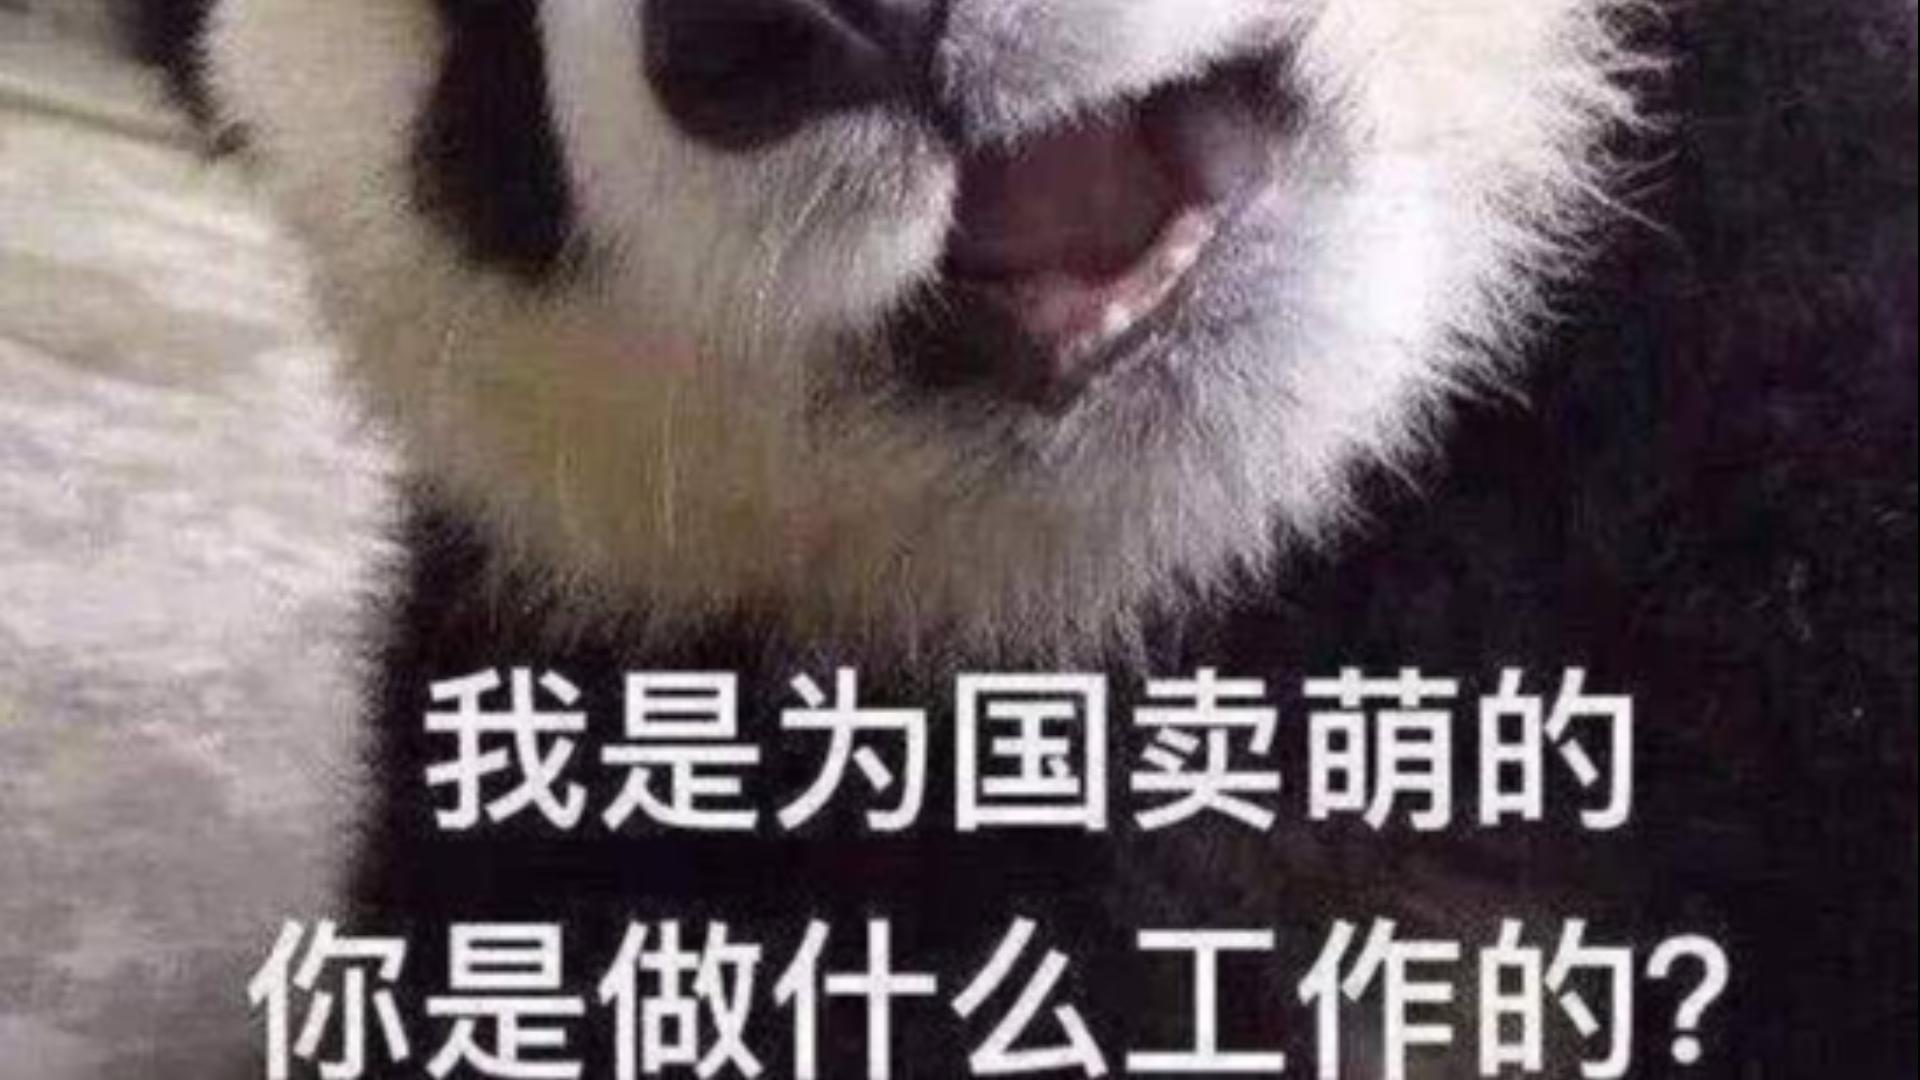 这才是猛男该看的片!!!【熊猫】  # 第十一期